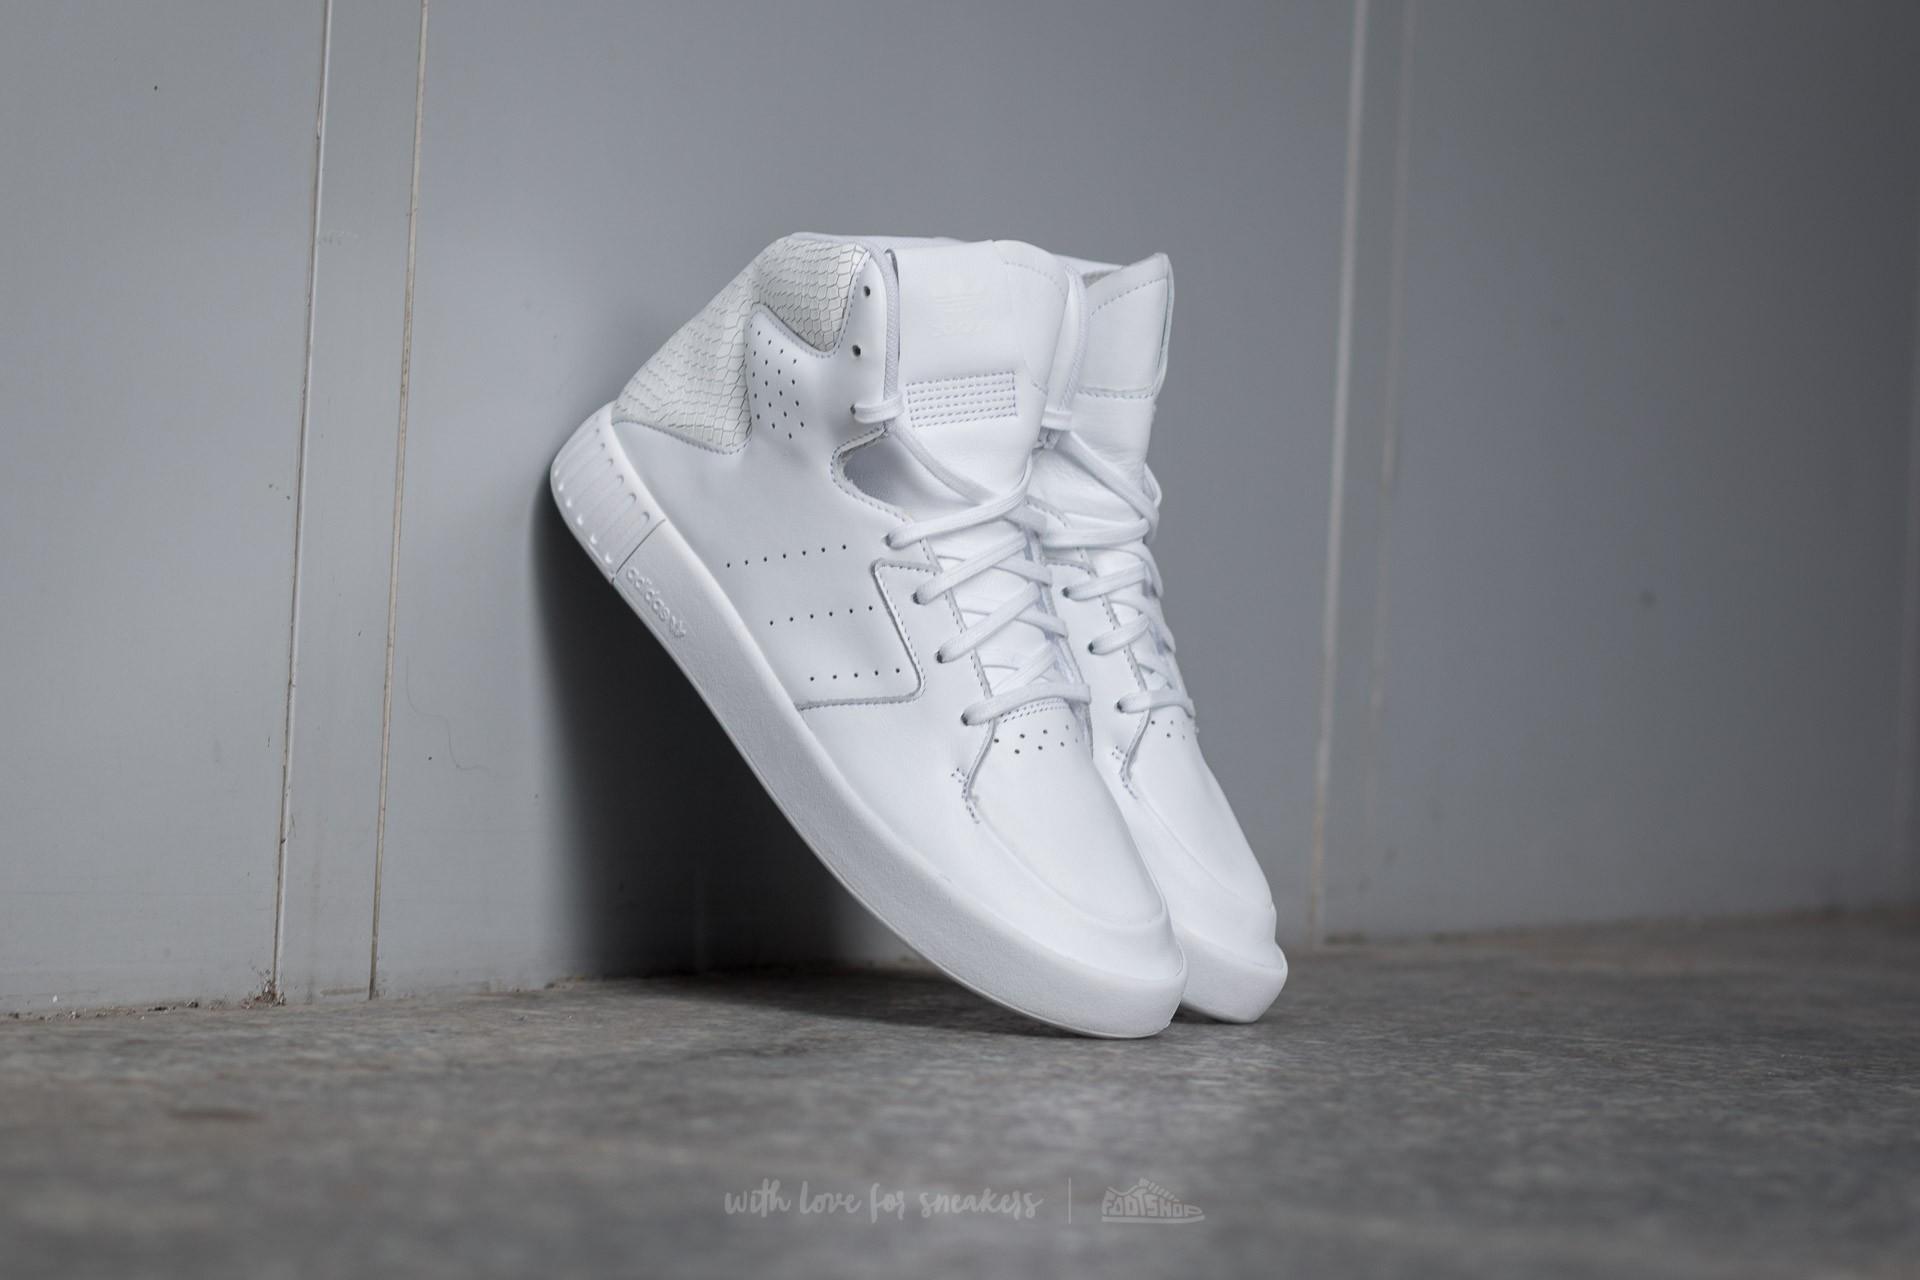 adidas Tubular Invader 2.0 W Ftw White/ Ftw White/ Ftw White